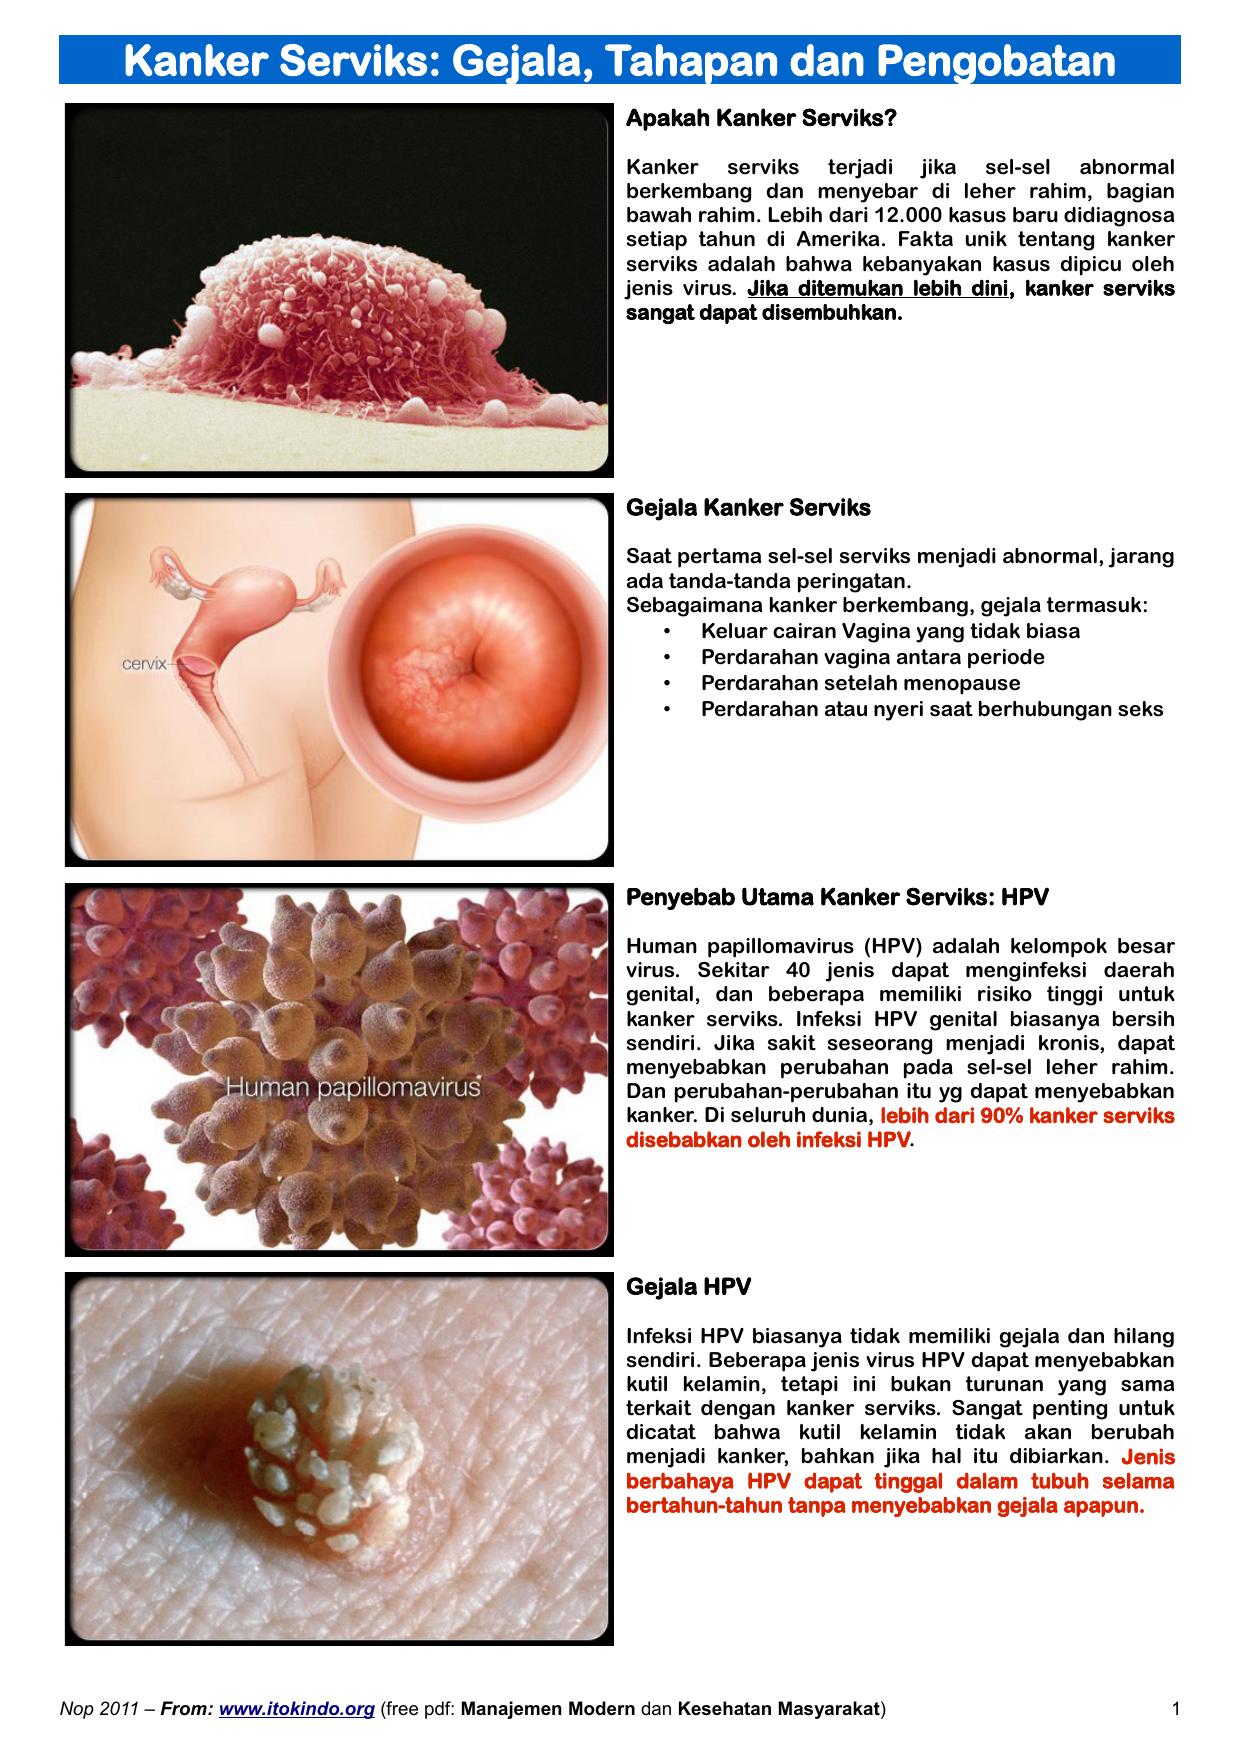 papillomavirus adalah)